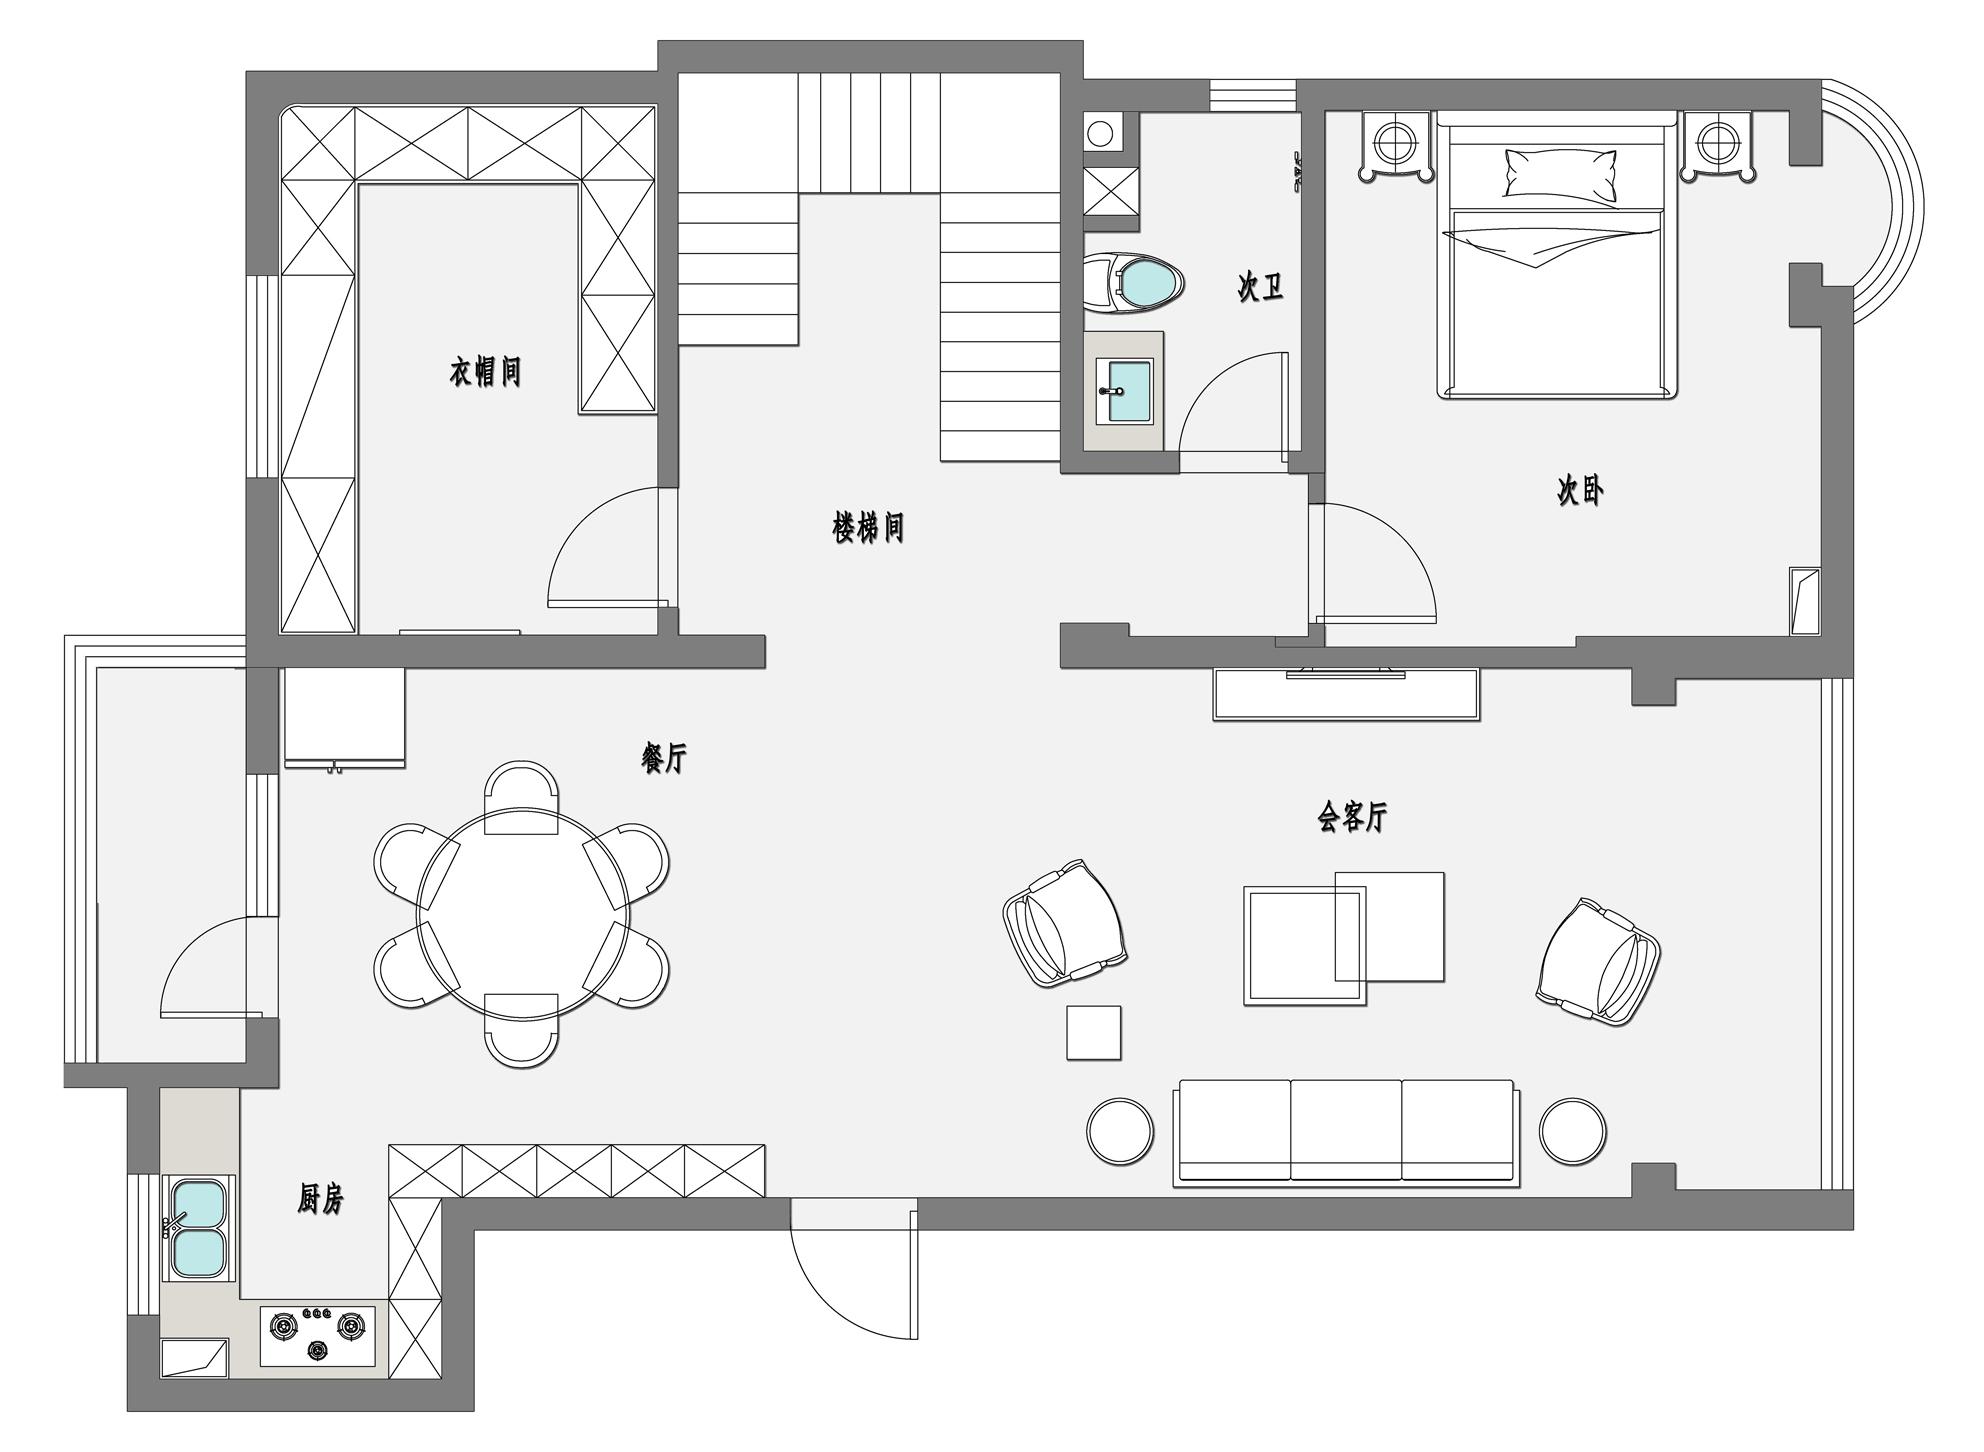 嘉和丽园-现代简约-180平米装修设计理念